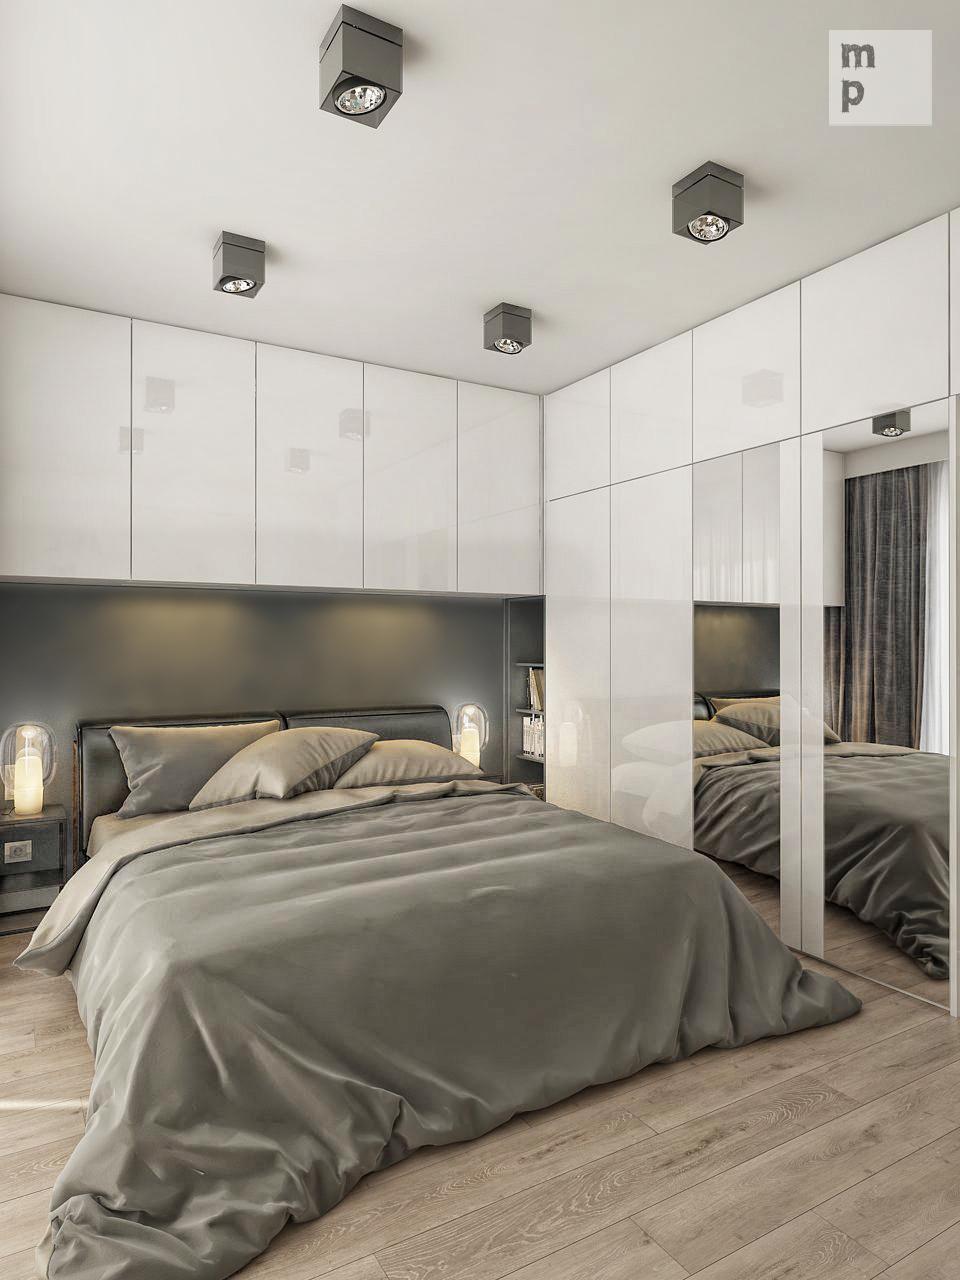 Полки над кроватью: преимущества, варианты конструкций и оформления